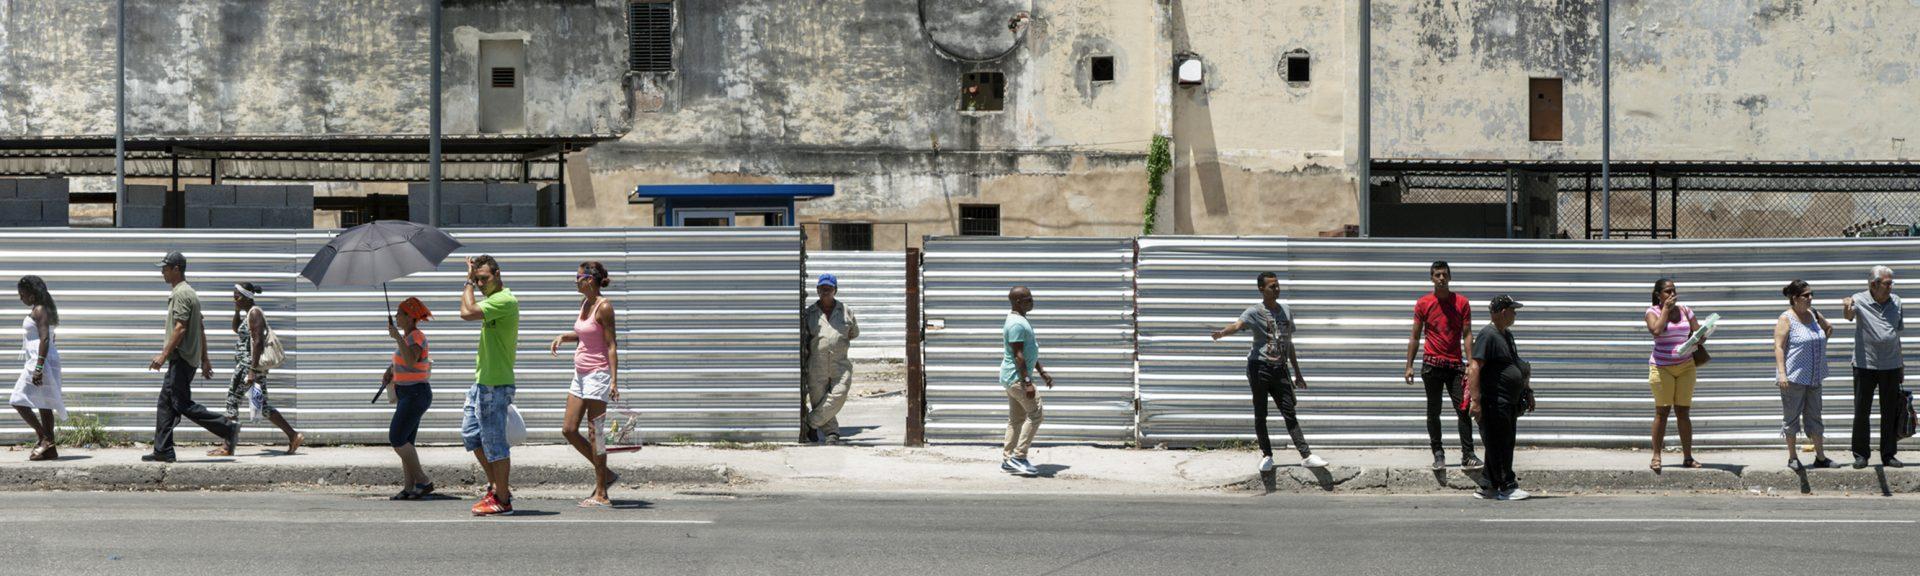 passants devant une palissade à la havana, cuba.